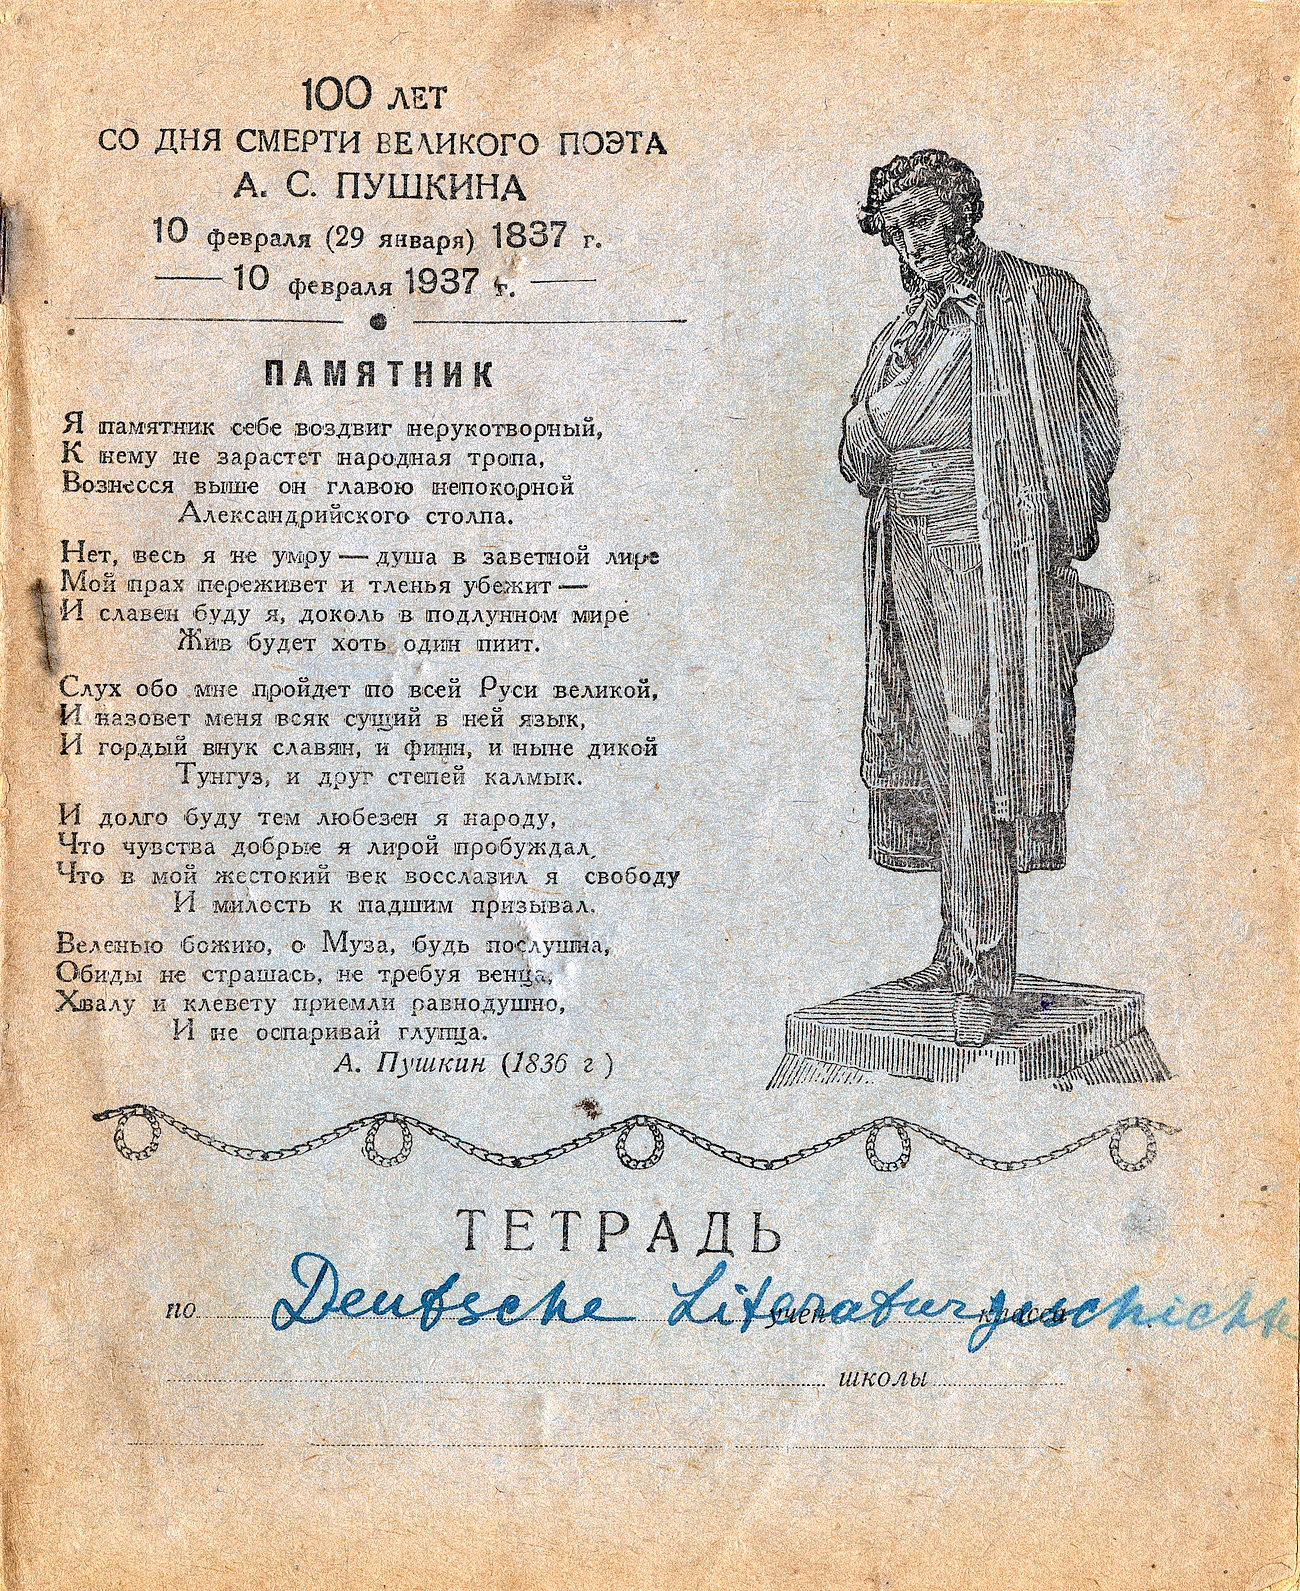 Тетрадь Пушкин 3